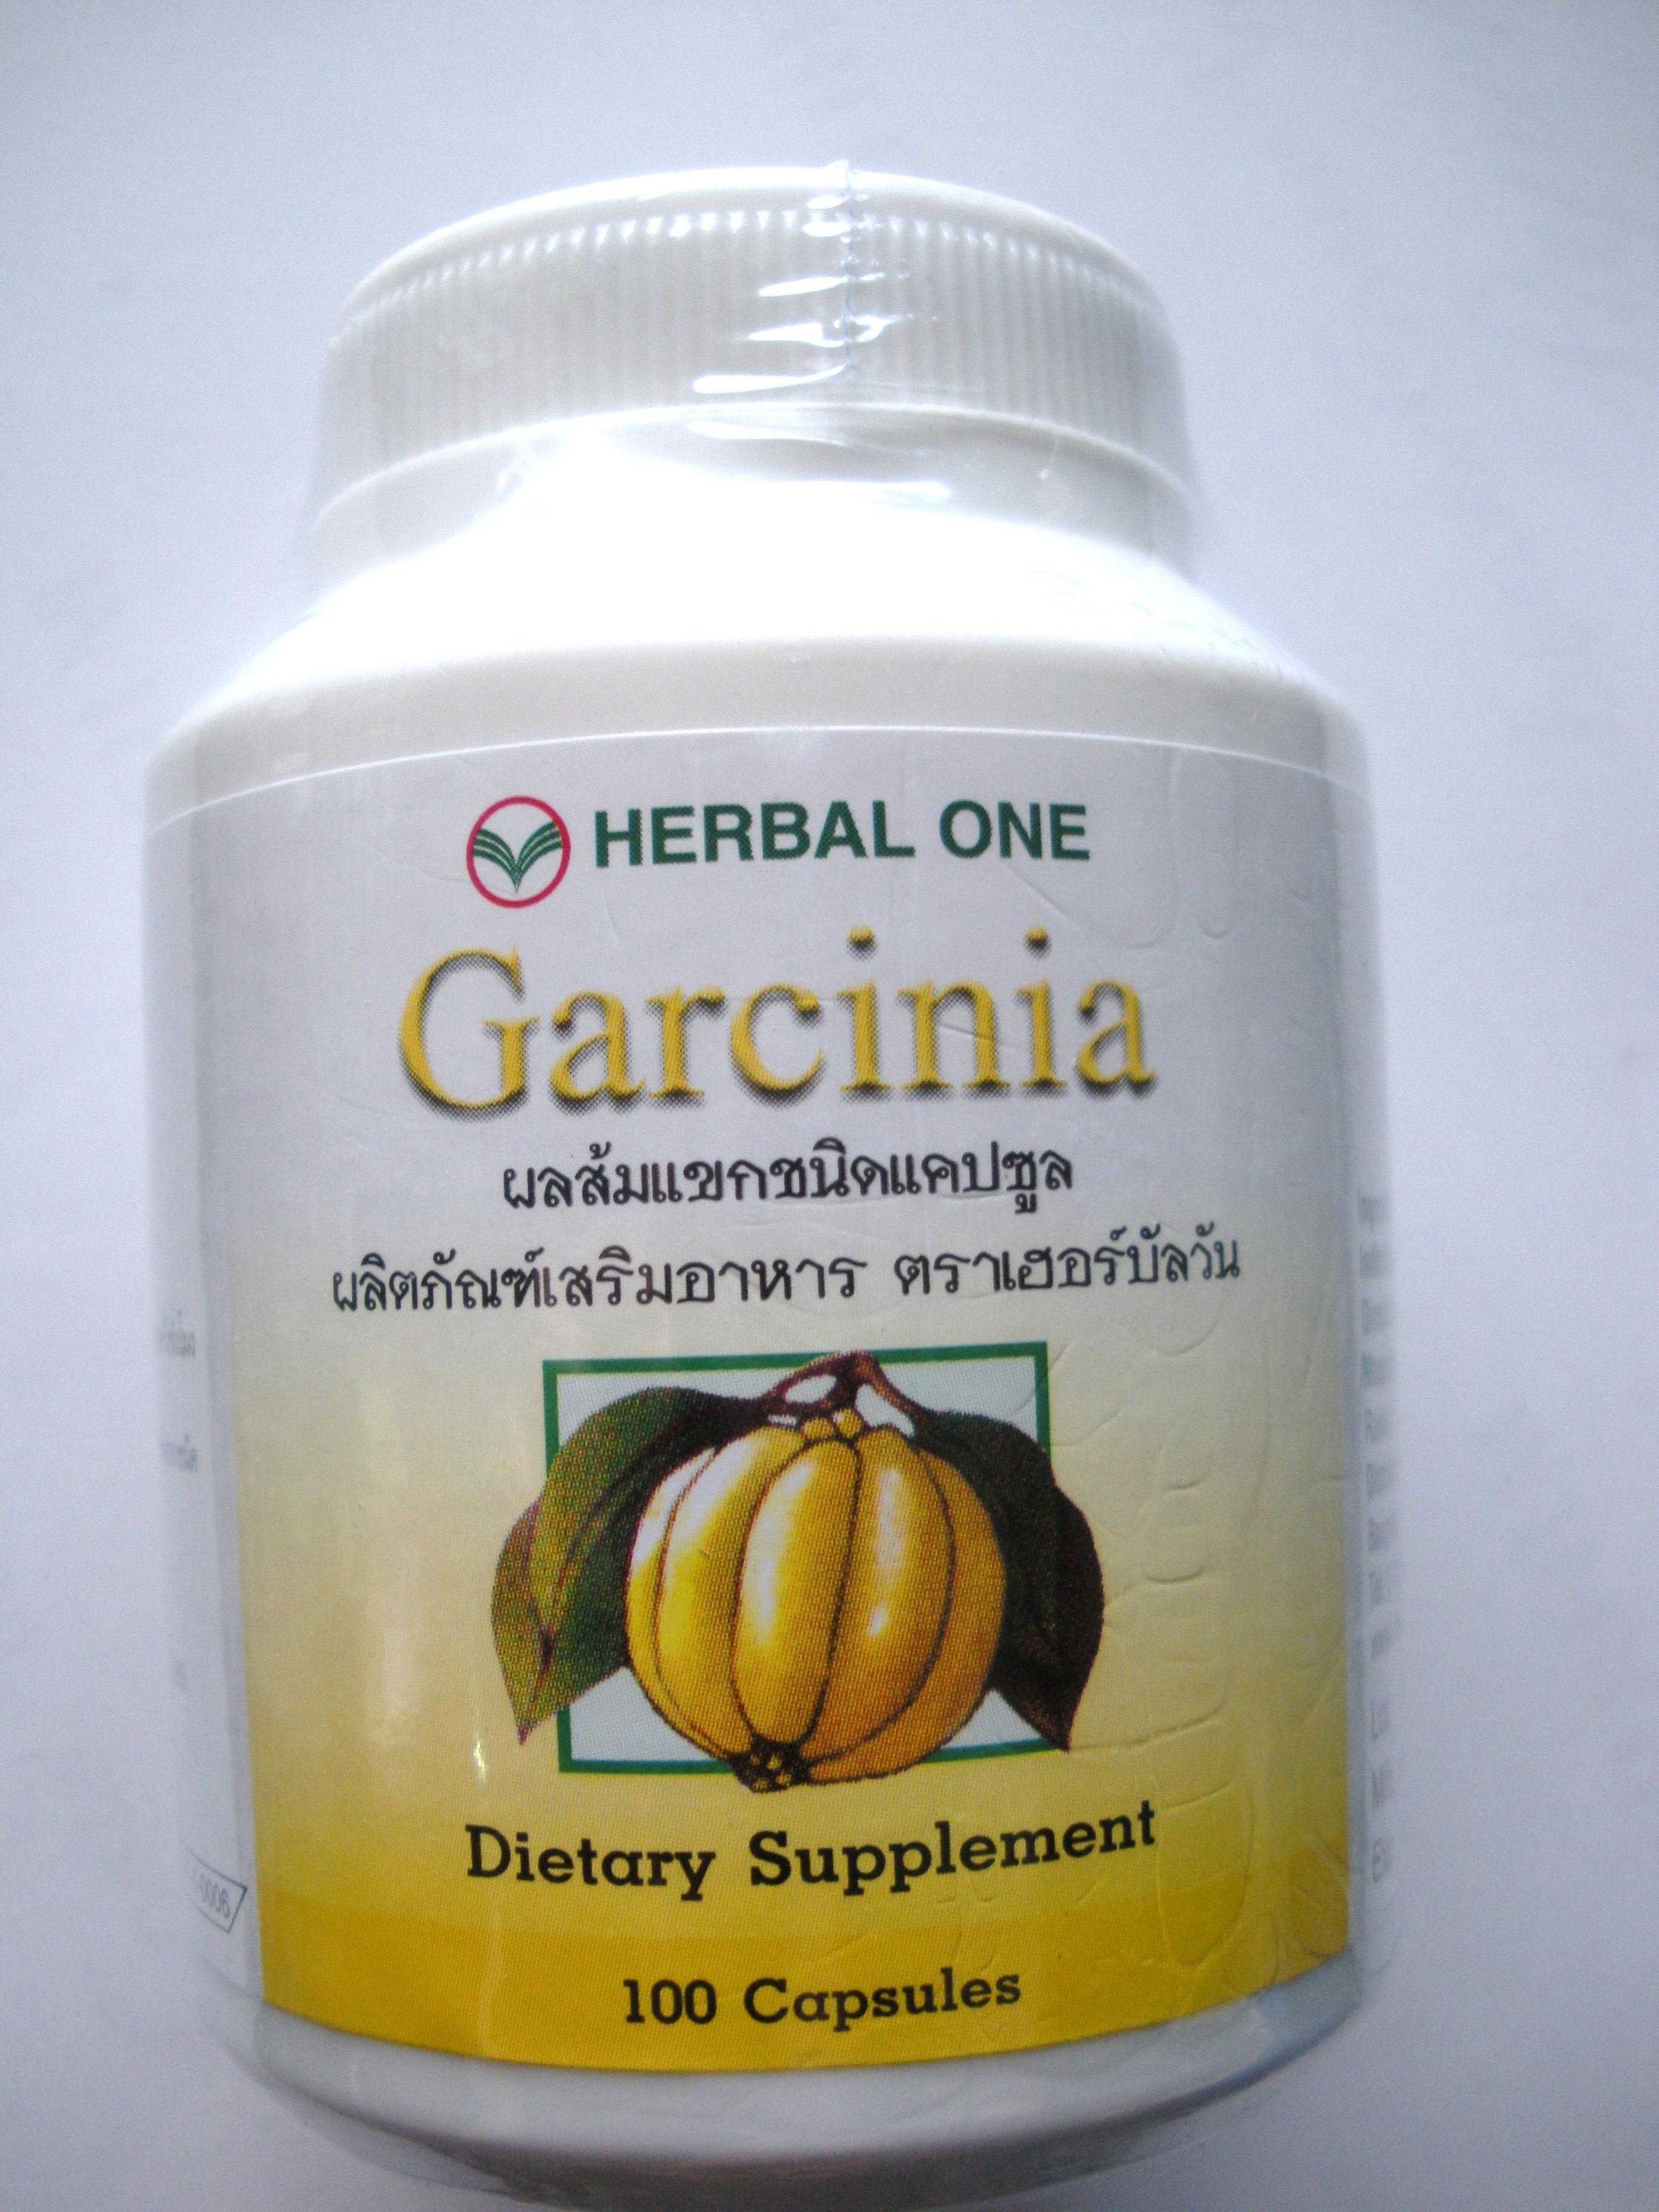 ส้มแขกแคปซูล อ้วยอันโอสถ (Garcinia capsules)